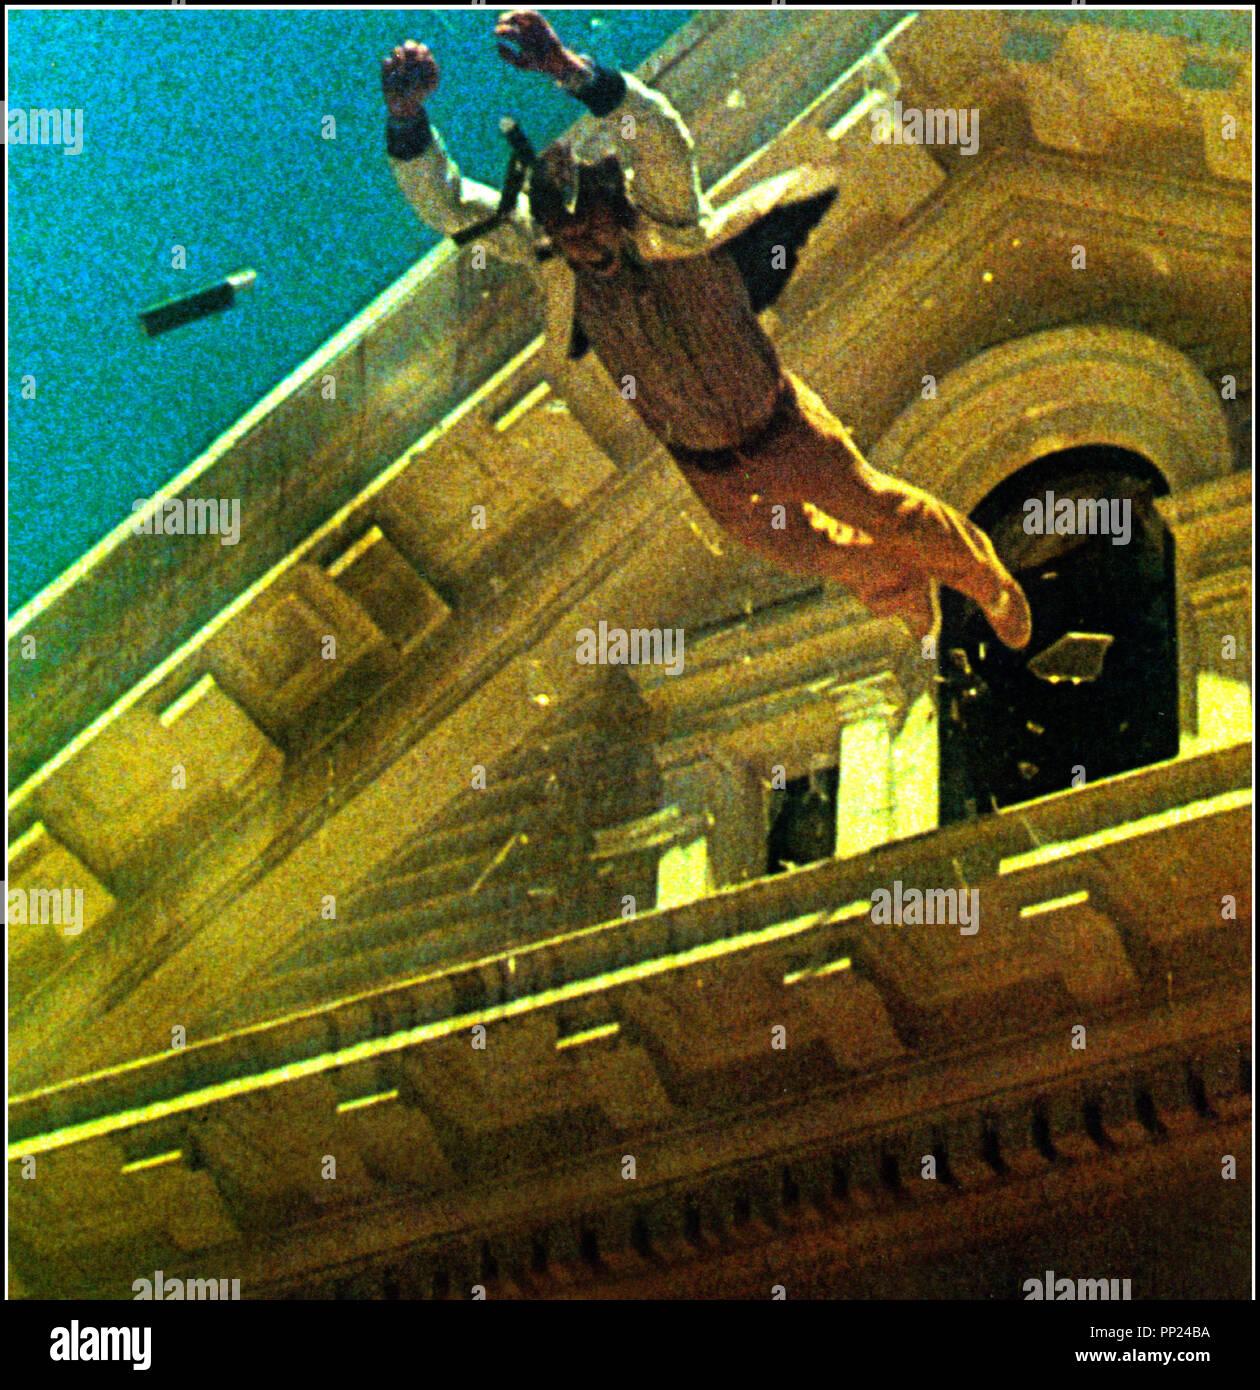 Dan Curtis Stock Photos & Dan Curtis Stock Images - Alamy